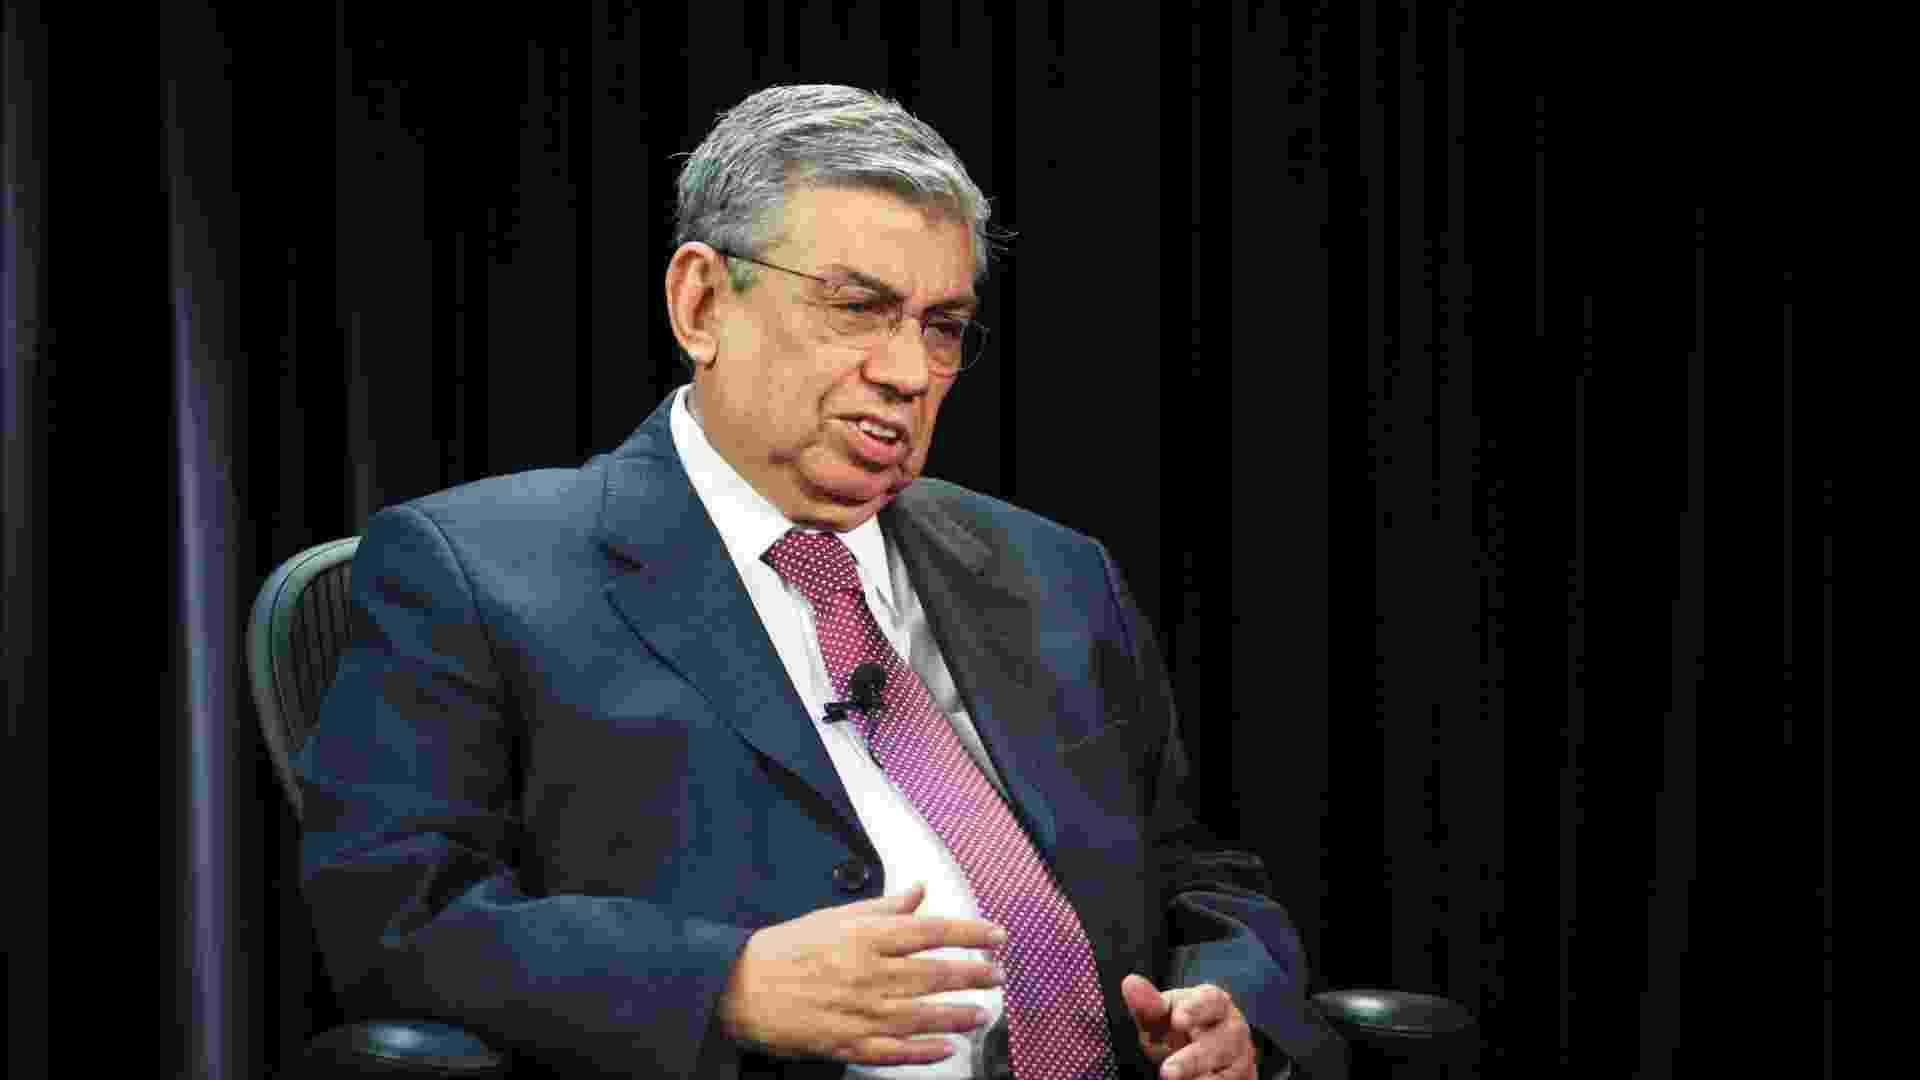 Garibaldi Alves Filho no Poder e Política - Pedro Ladeira 29.mai.2013/Folhapress